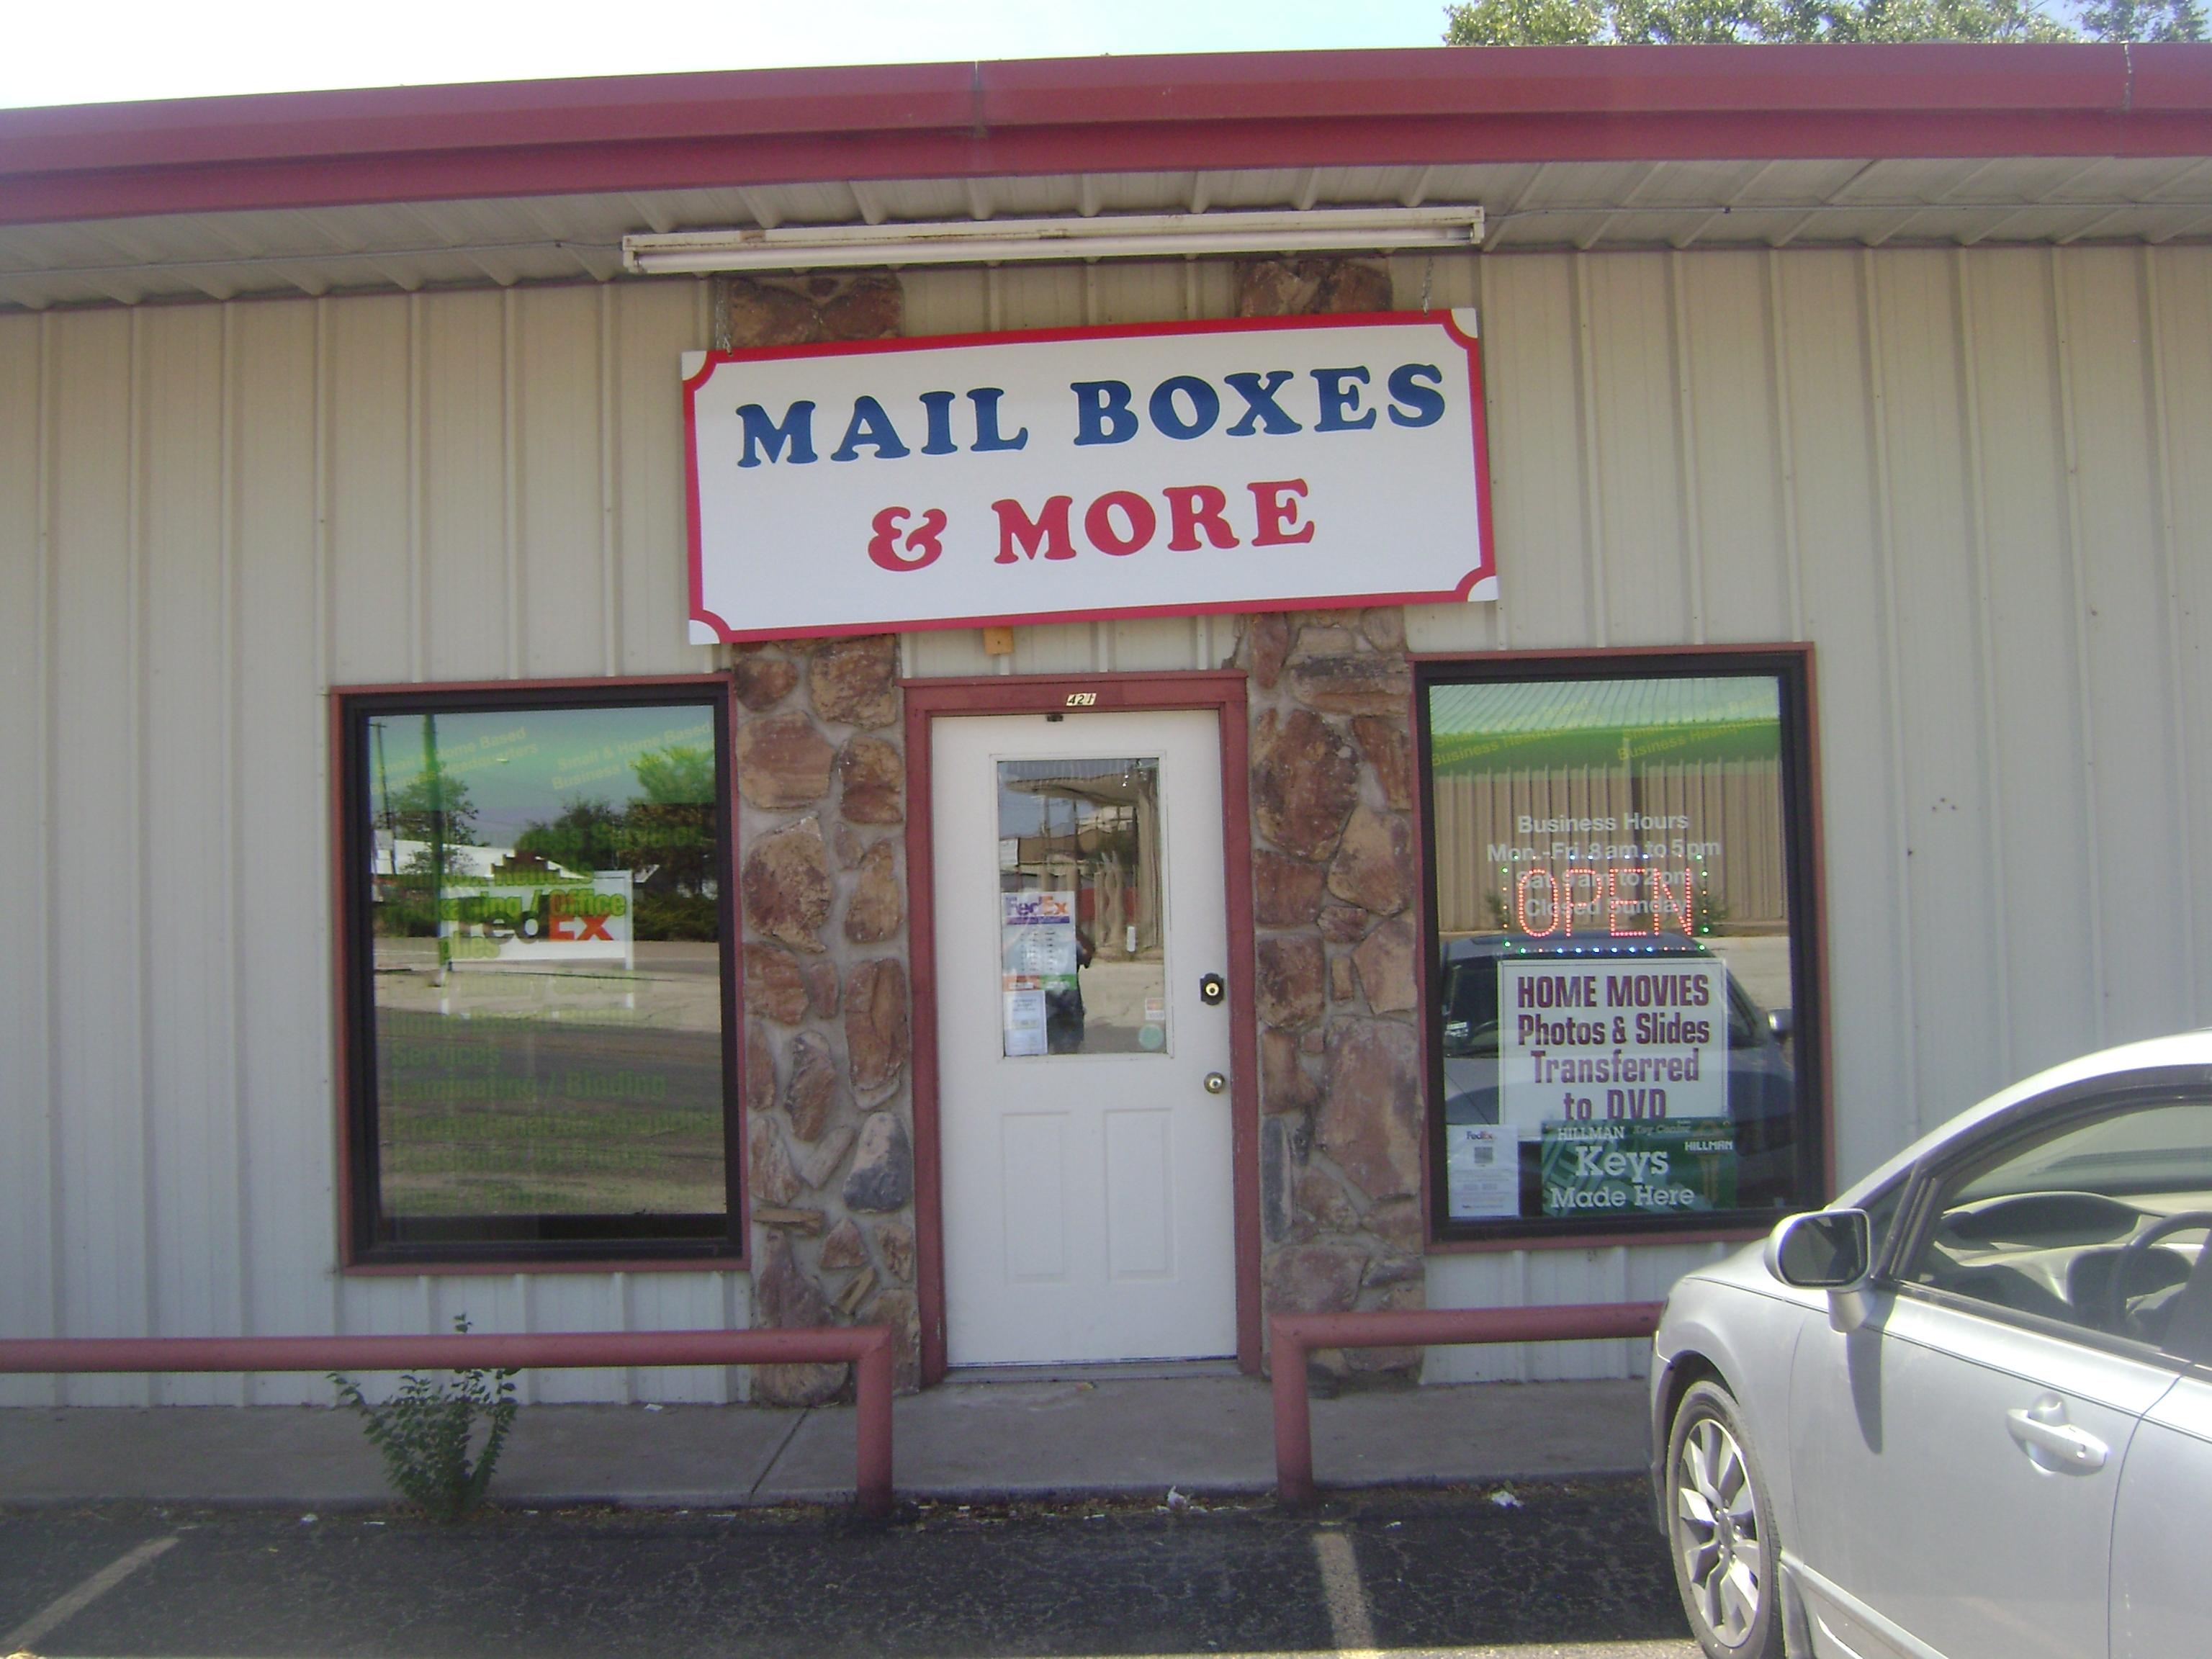 MailBoxes & More - Colorado City, TX